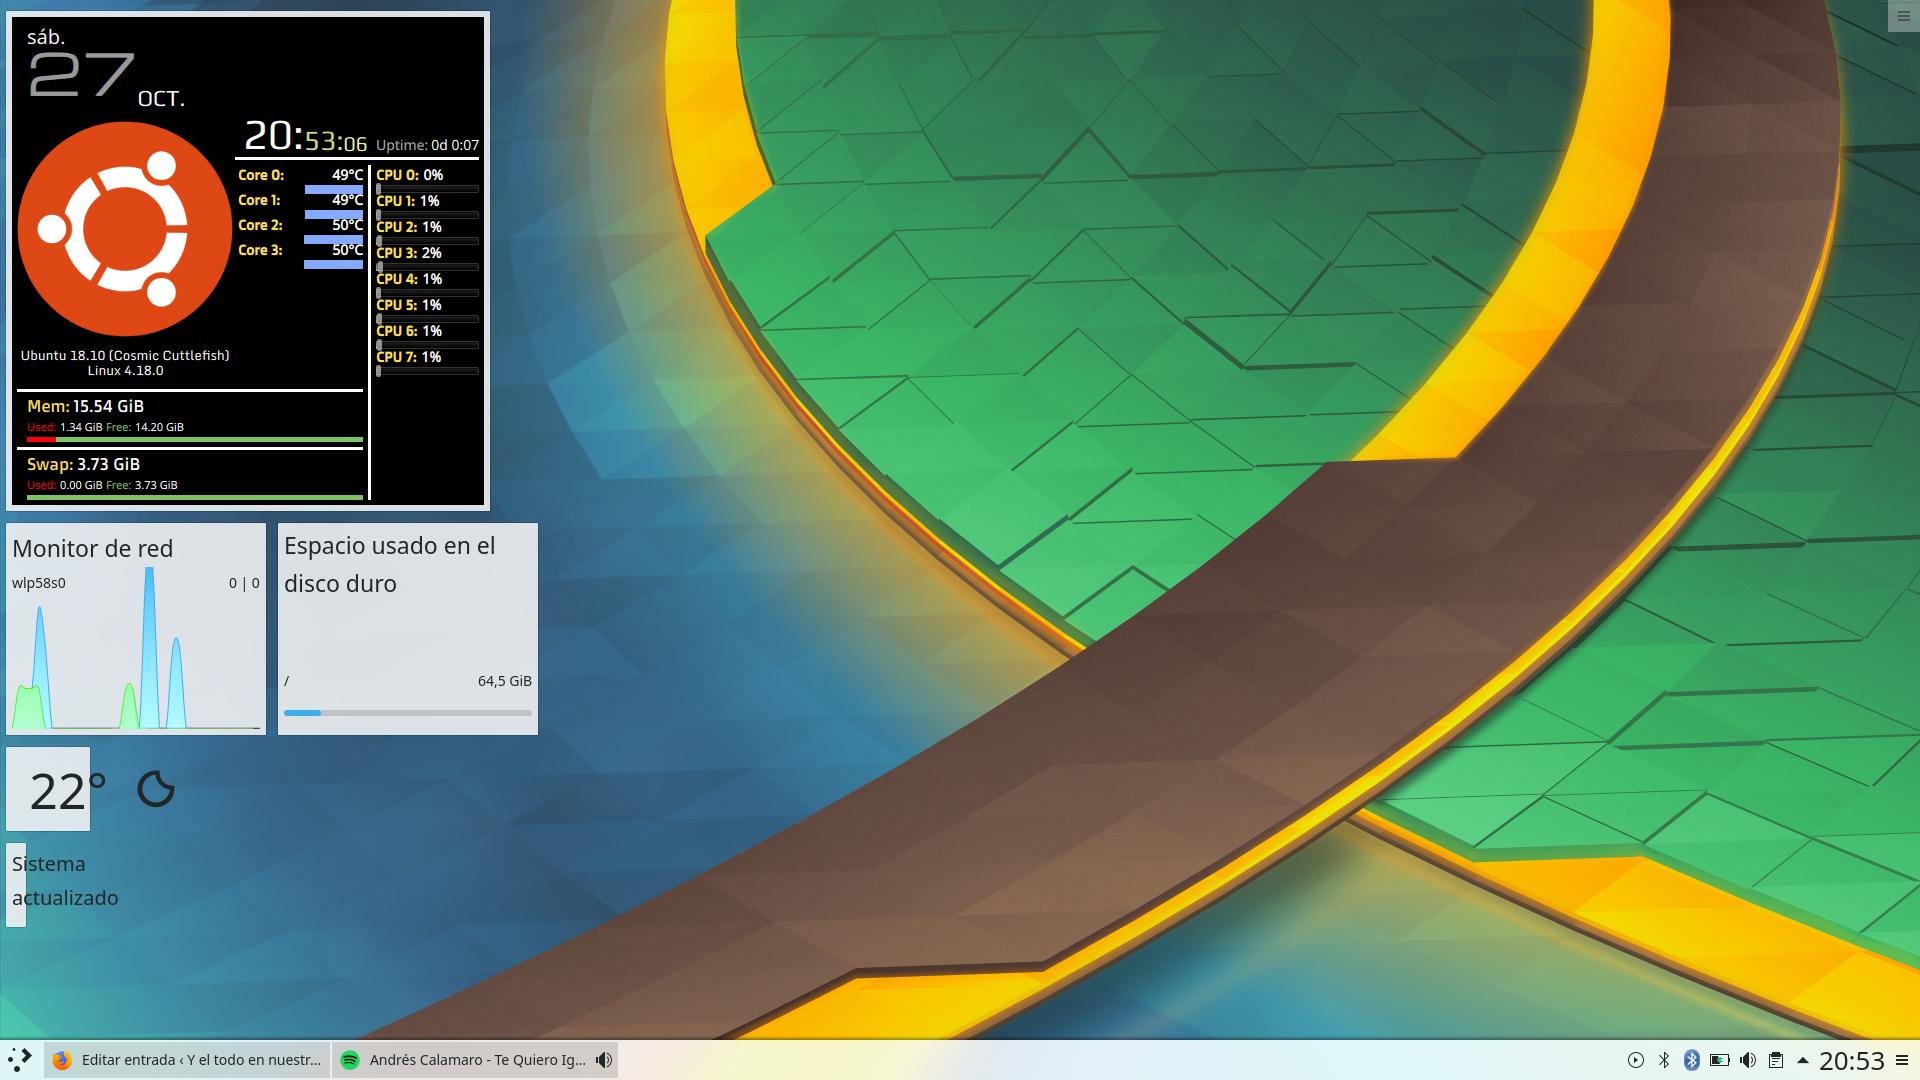 KDE Plasma 5.14.1 en Ubuntu 18.10 Cosmic Cuttlefish